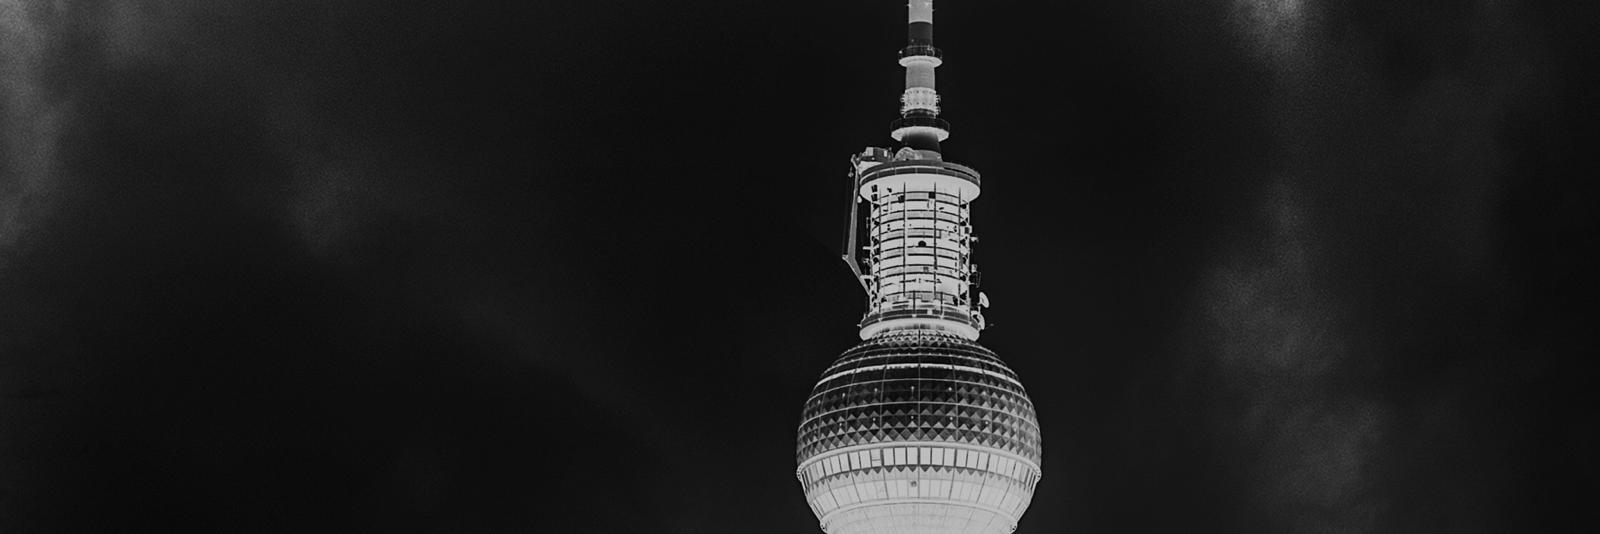 berliner zeitgeist stroud.JPG